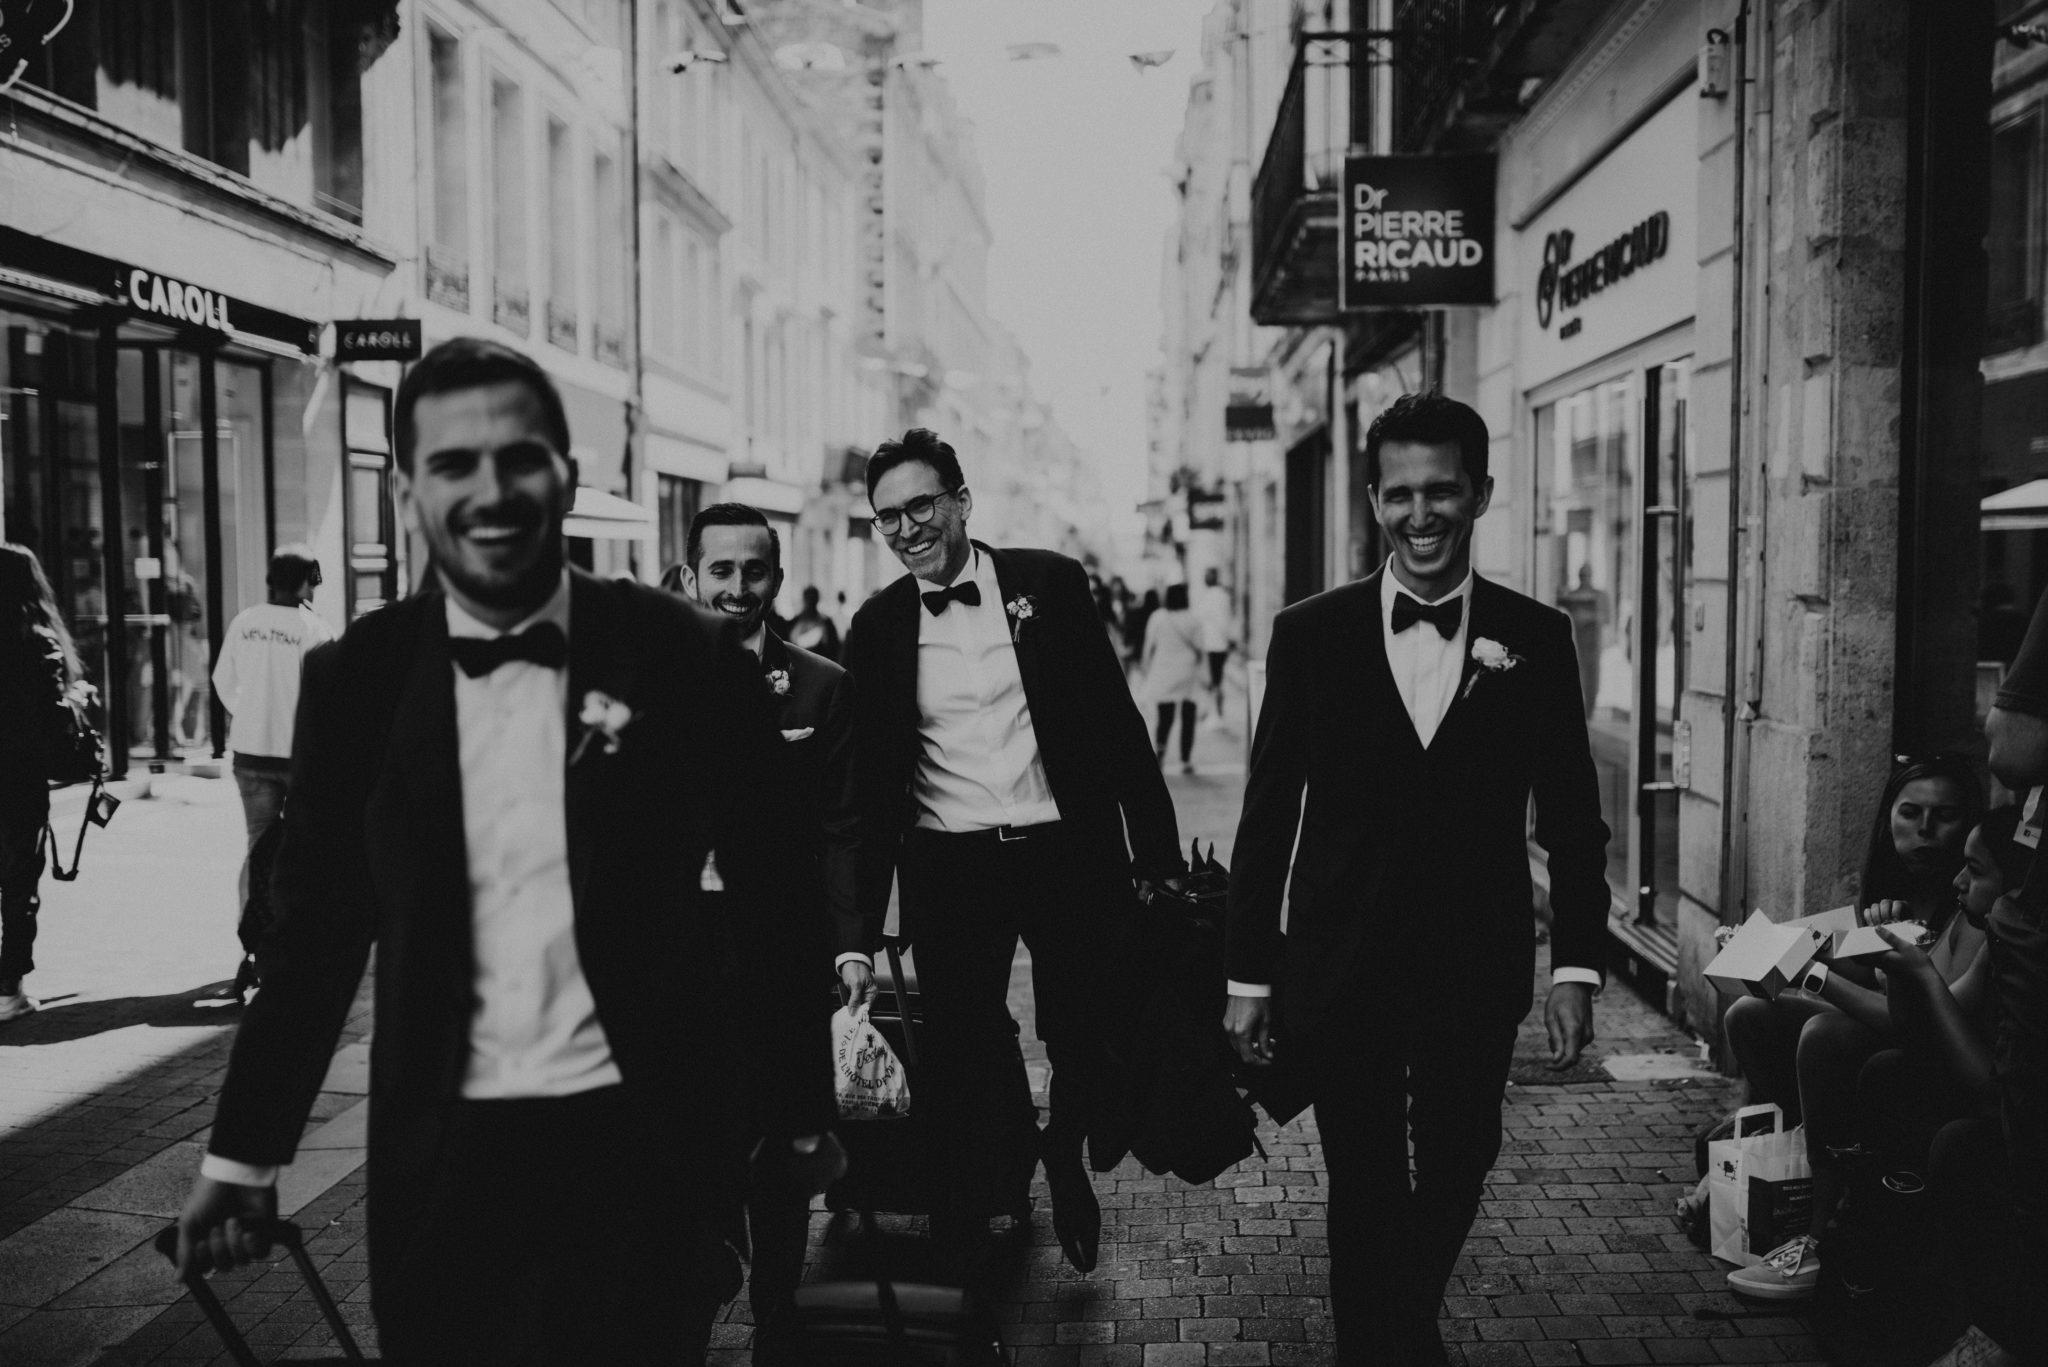 Mariage au milieu des vignes, noir et blanc, boys